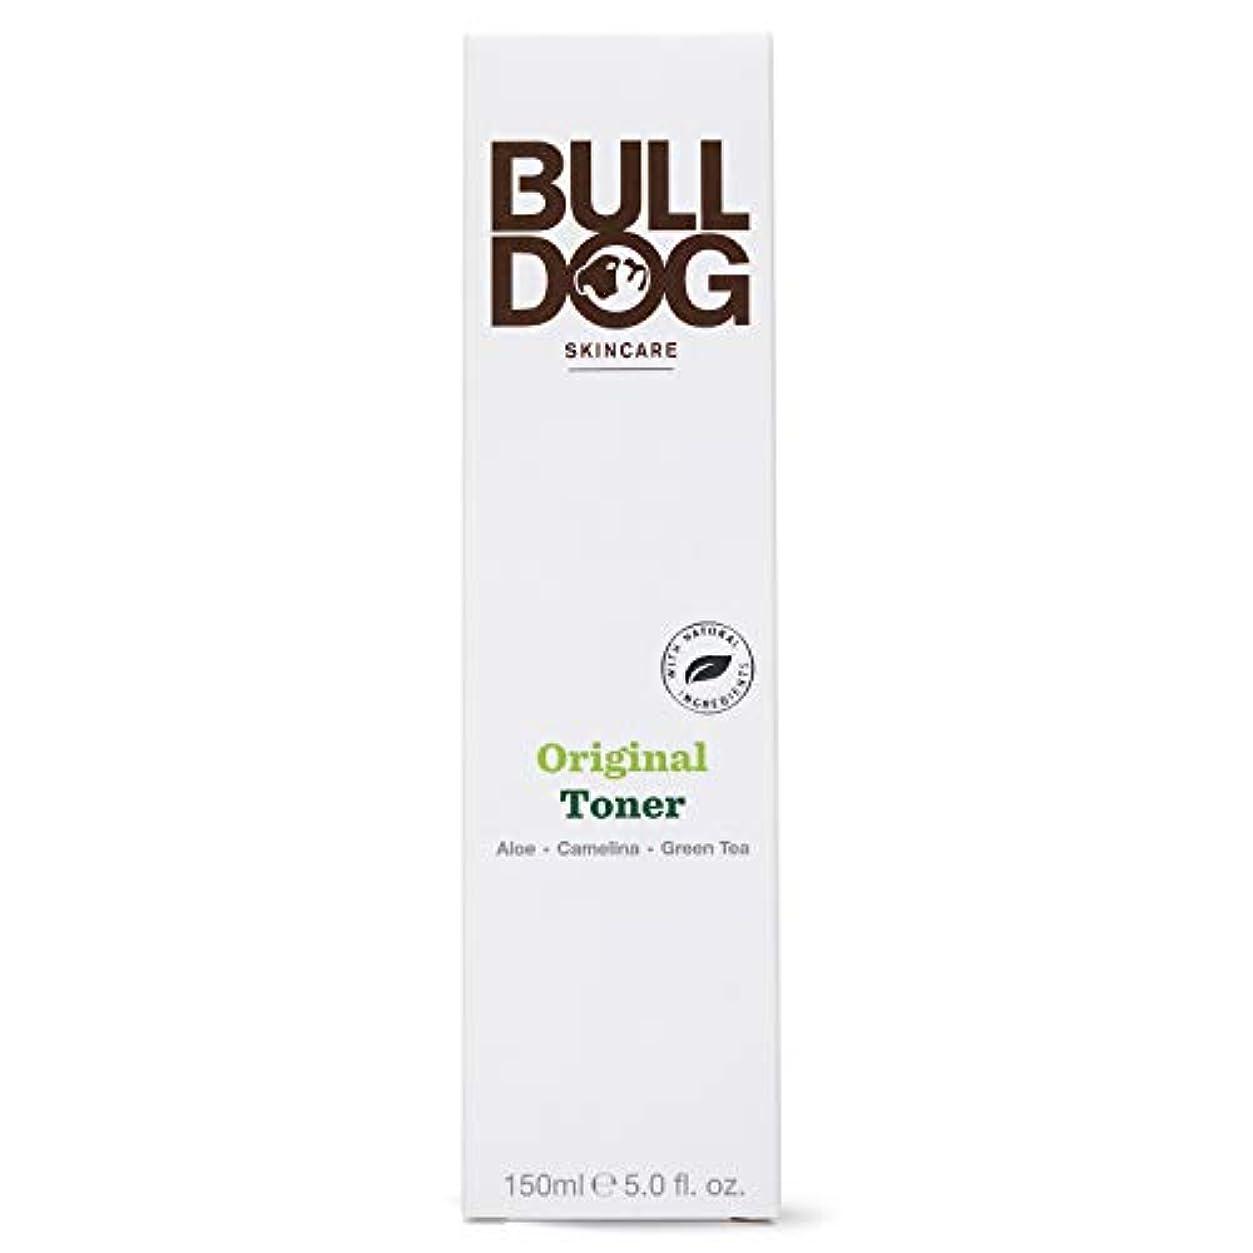 補体期間自由Bulldog(ブルドッグ) ブルドッグ Bulldog オリジナル トナー 化粧水 150ml 肌をすっきり なめらかに